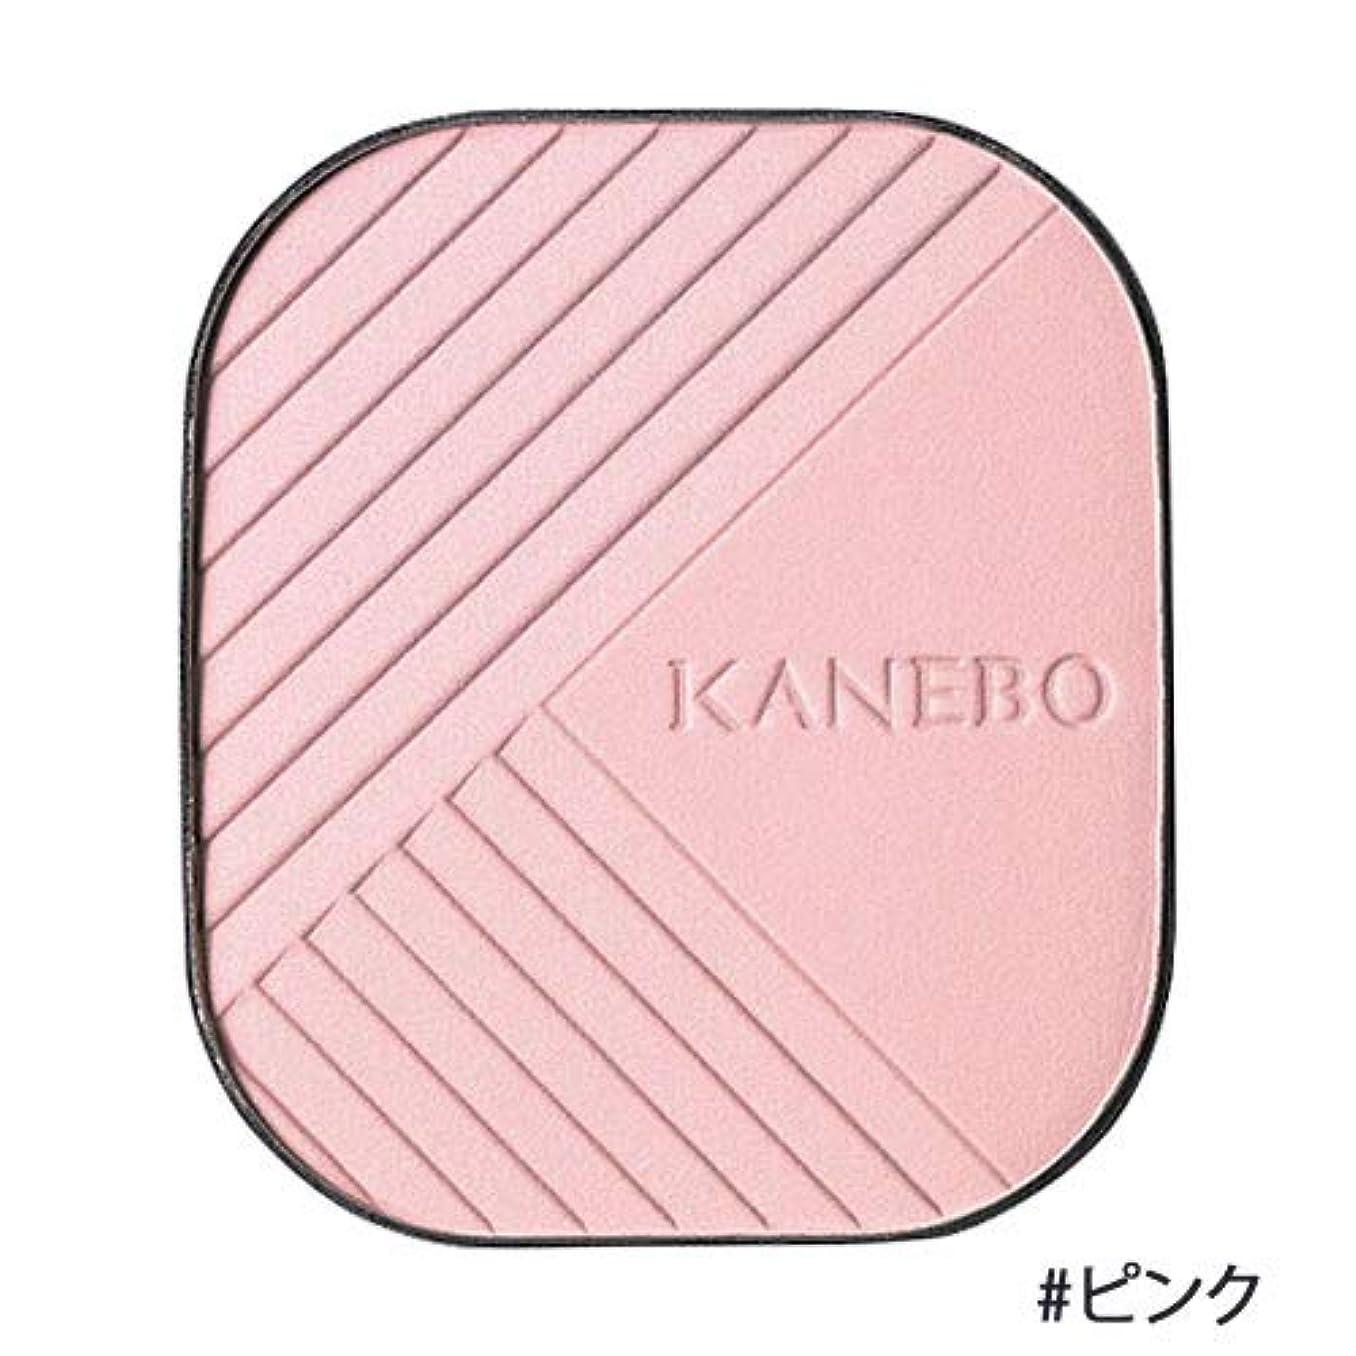 間最近破壊的KANEBO カネボウ ラスターカラーファンデーション レフィル ピンク/PK 9g [並行輸入品]